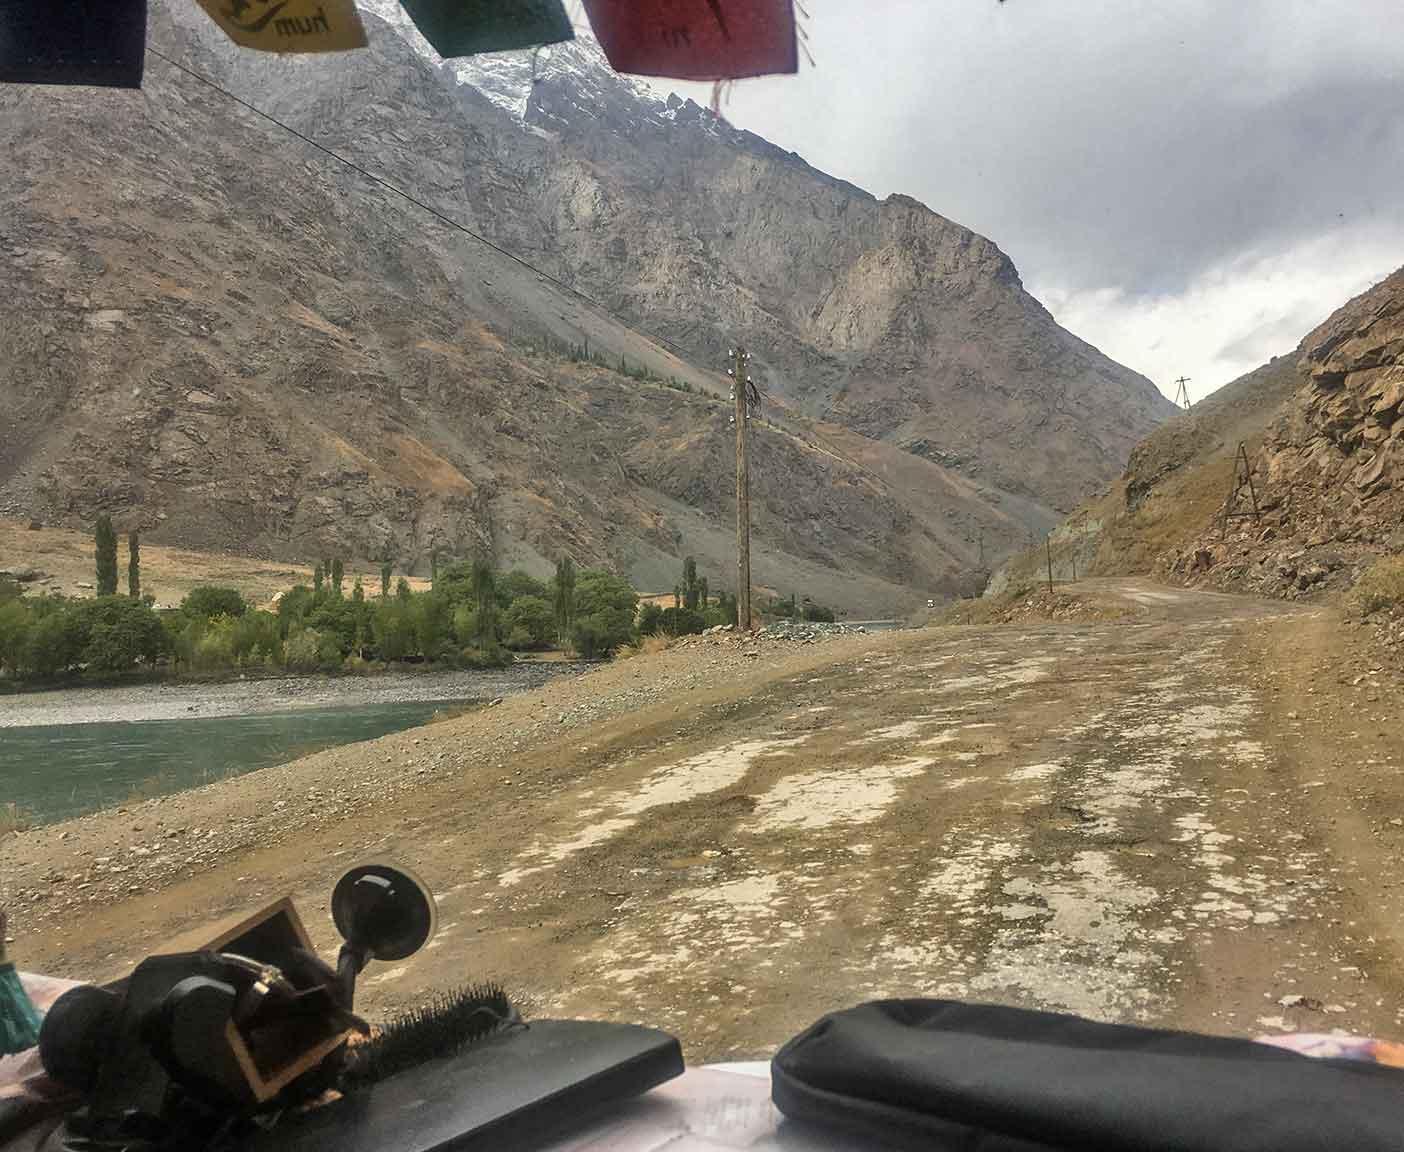 pamir-highway-m41-motorrad-auto-wohnmobil-camper-laenge-kyrgyzstan-guide-2017-2018-2019-china-afghanistan-korogh-3